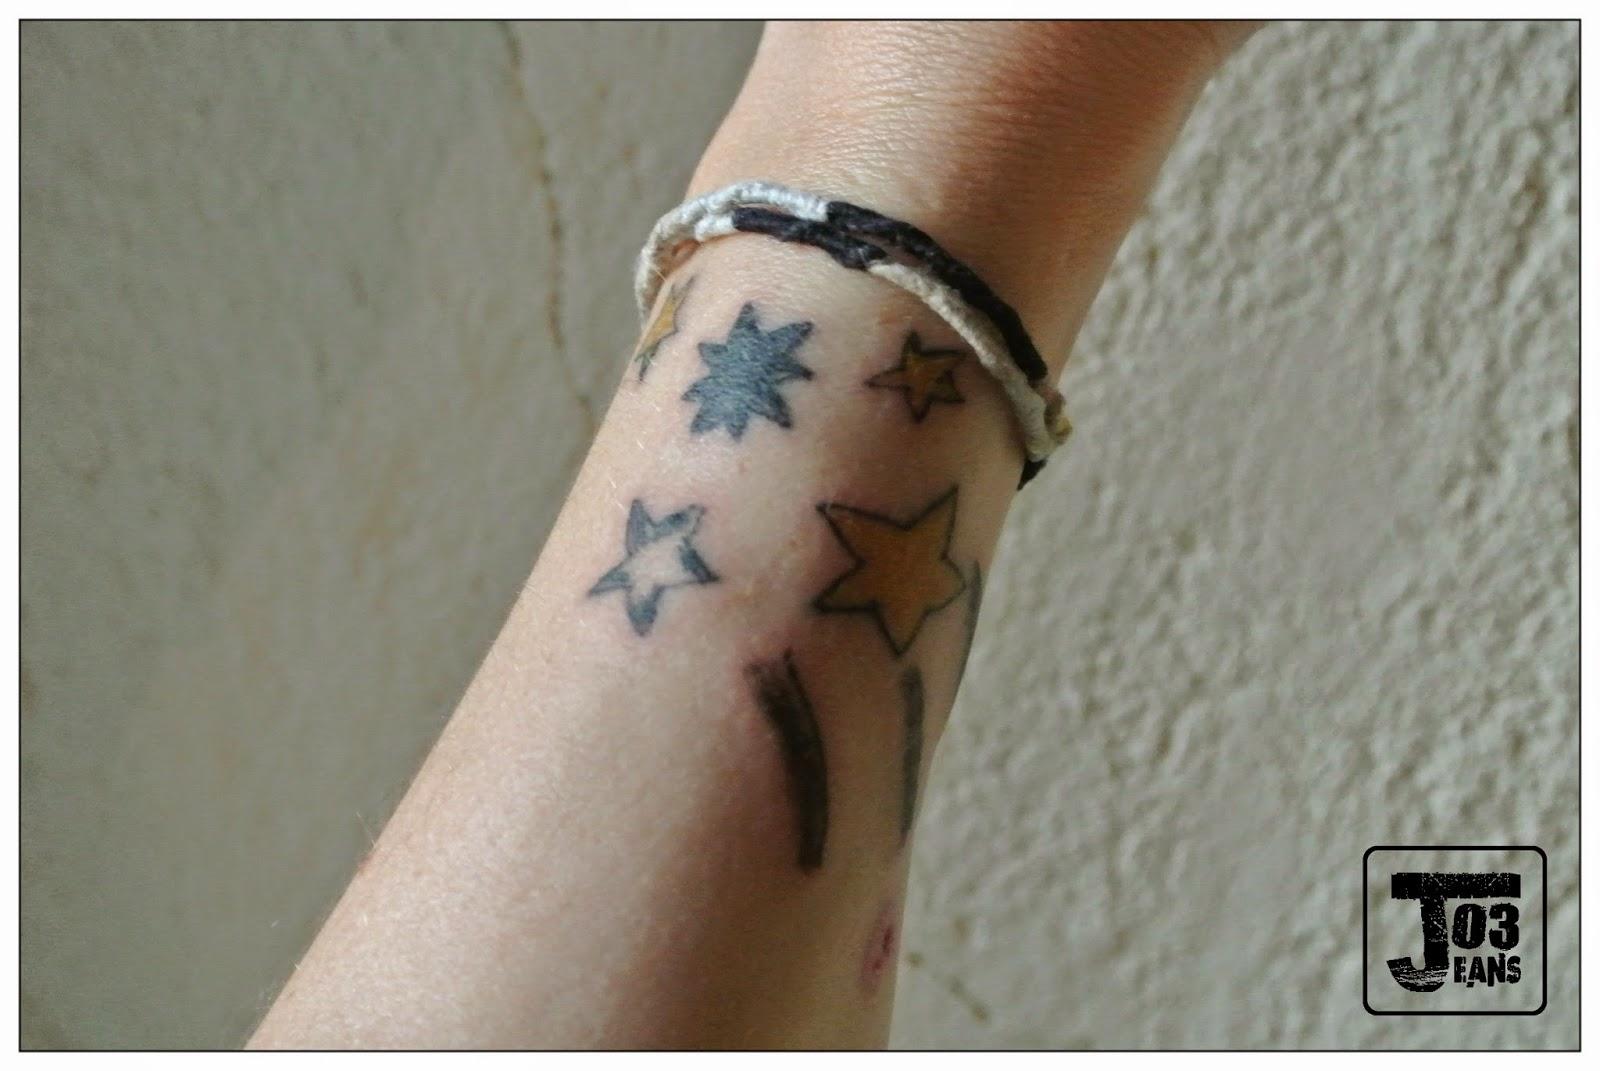 tatouage intérieur du bras - Tatouage avant bras Fait le 22 07 11